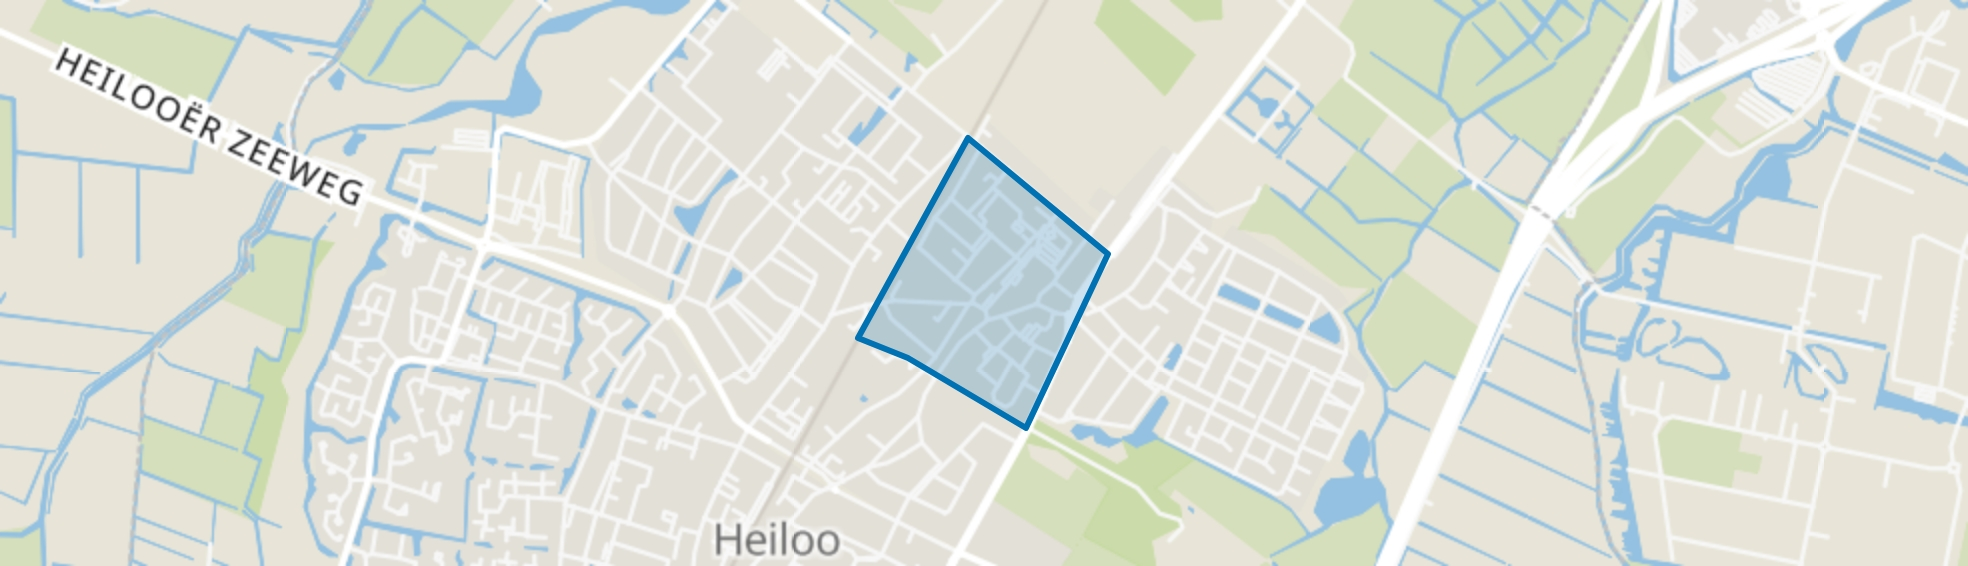 Tuindorp, Heiloo map